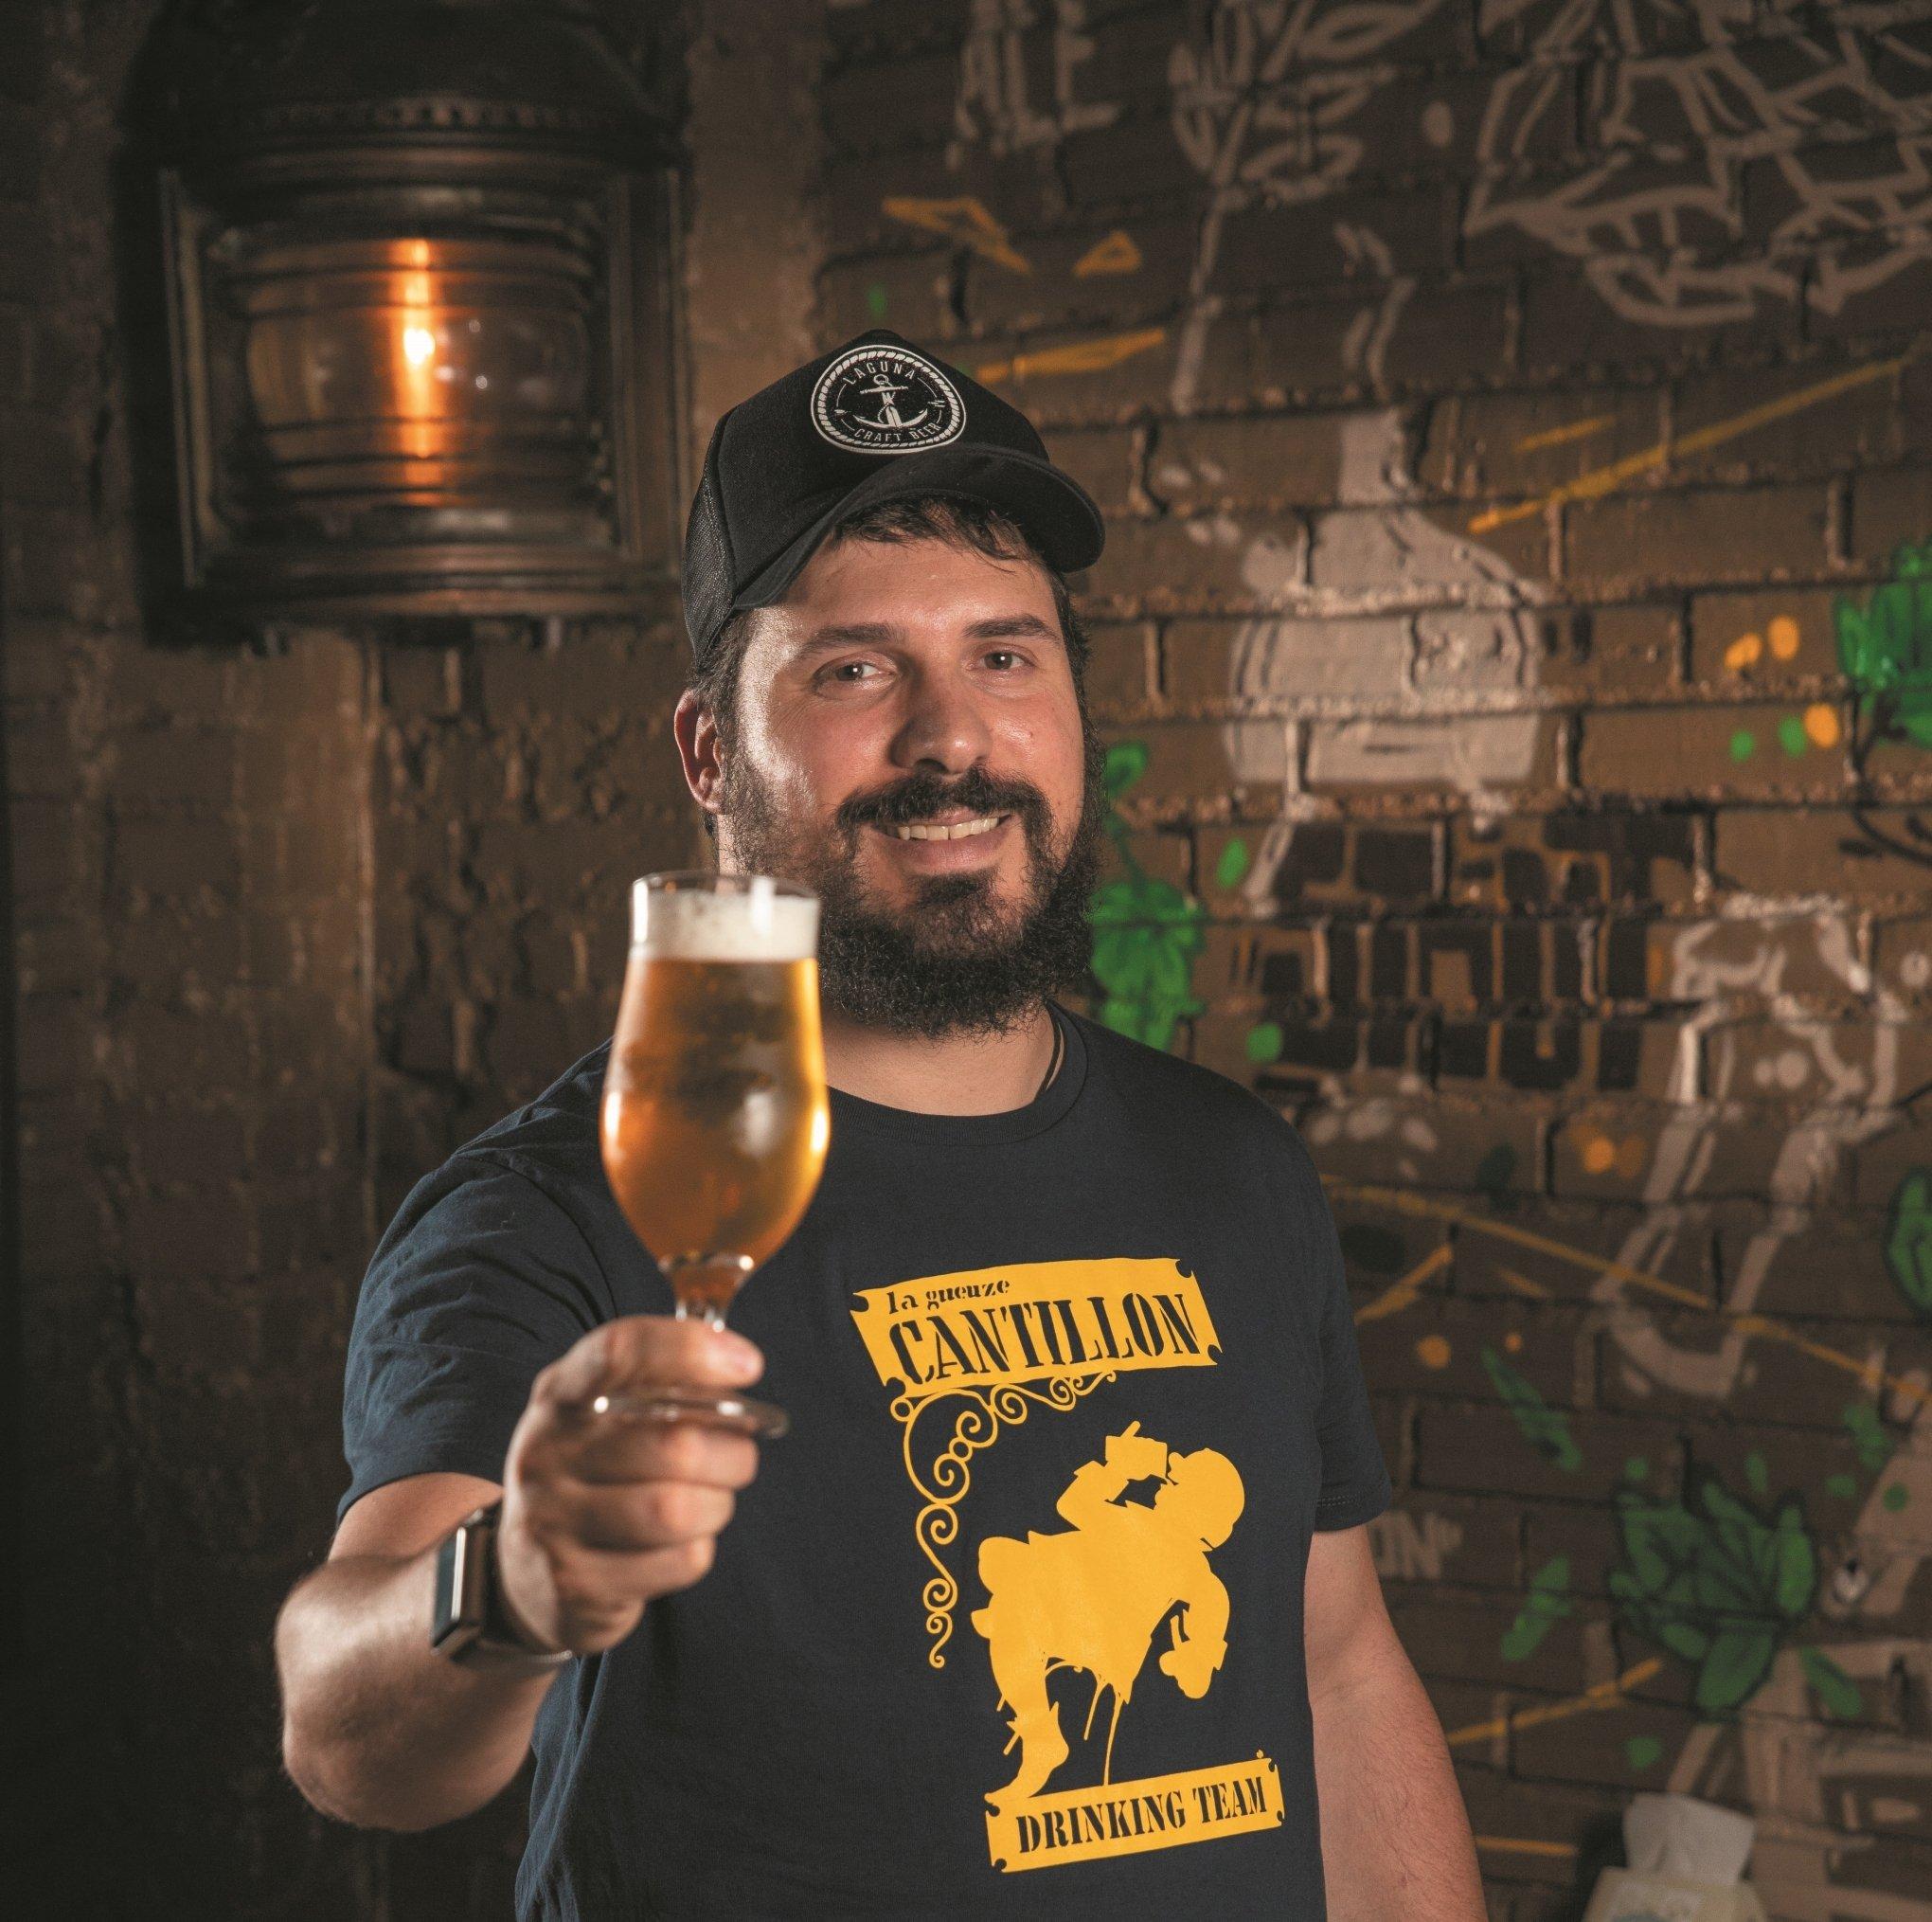 Conheça as famílias cervejeiras